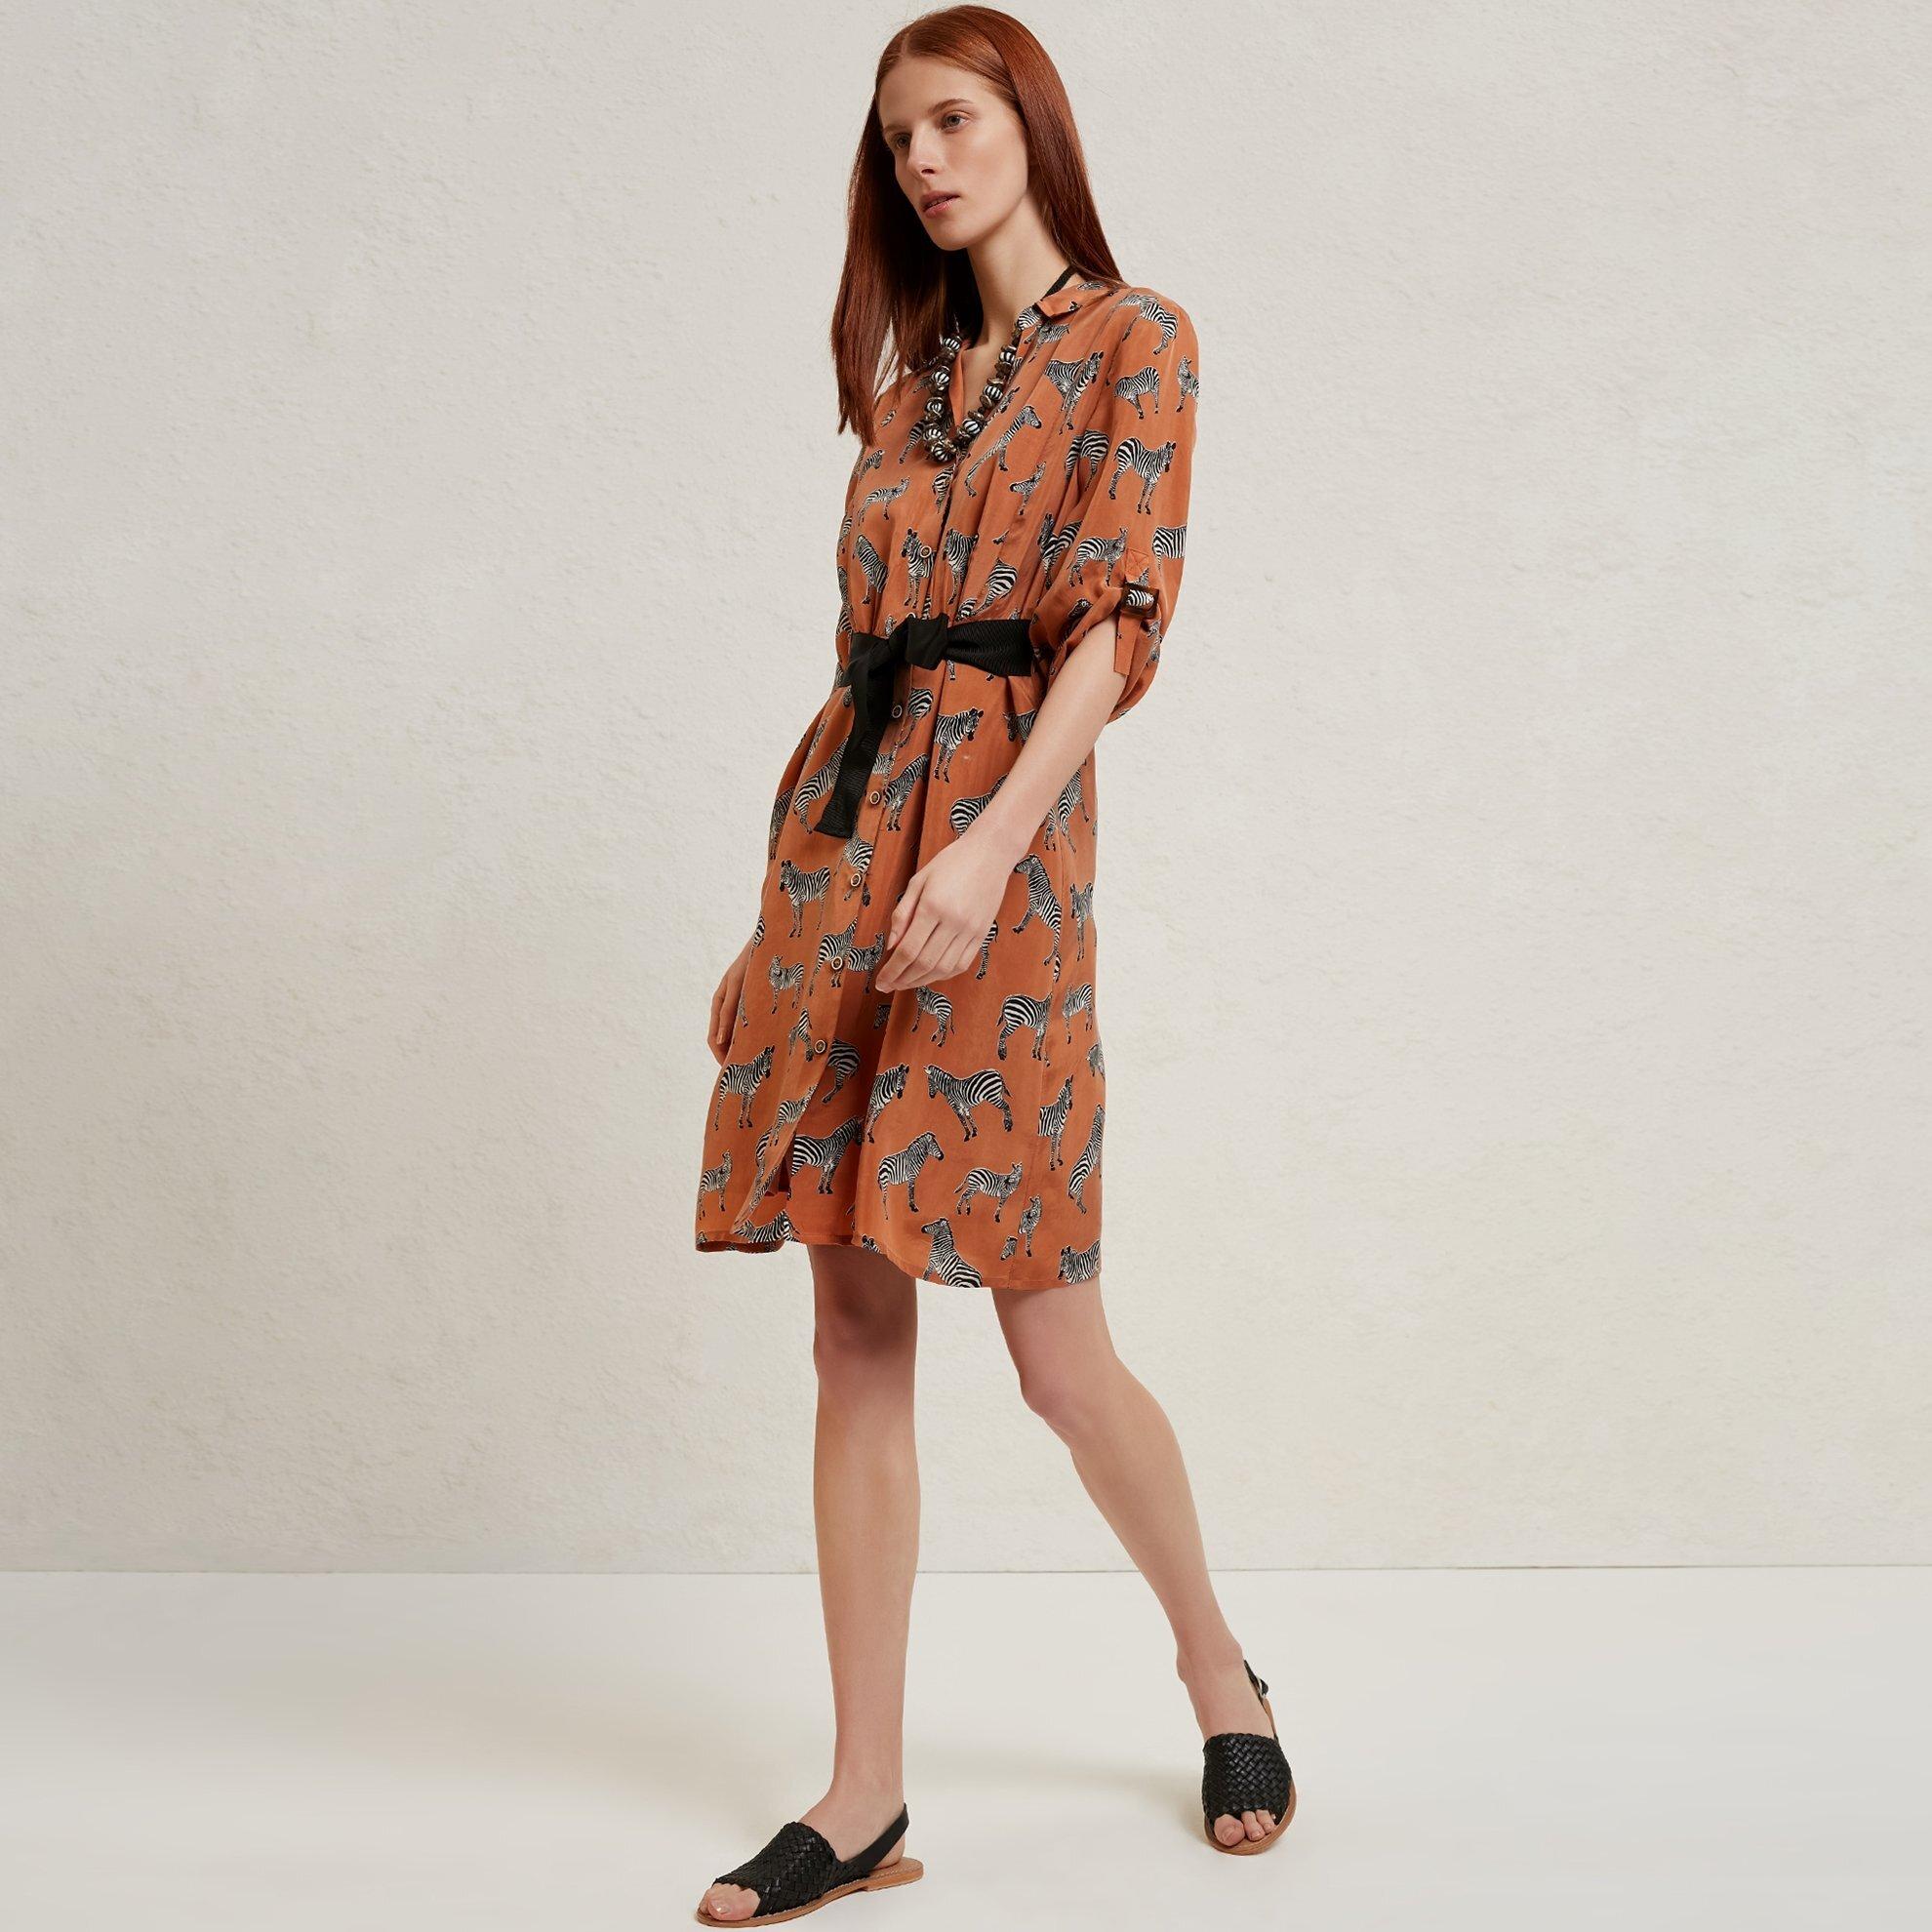 36e9362cf74 Contrast Belted Shirt Dress  Contrast Belted Shirt Dress ...